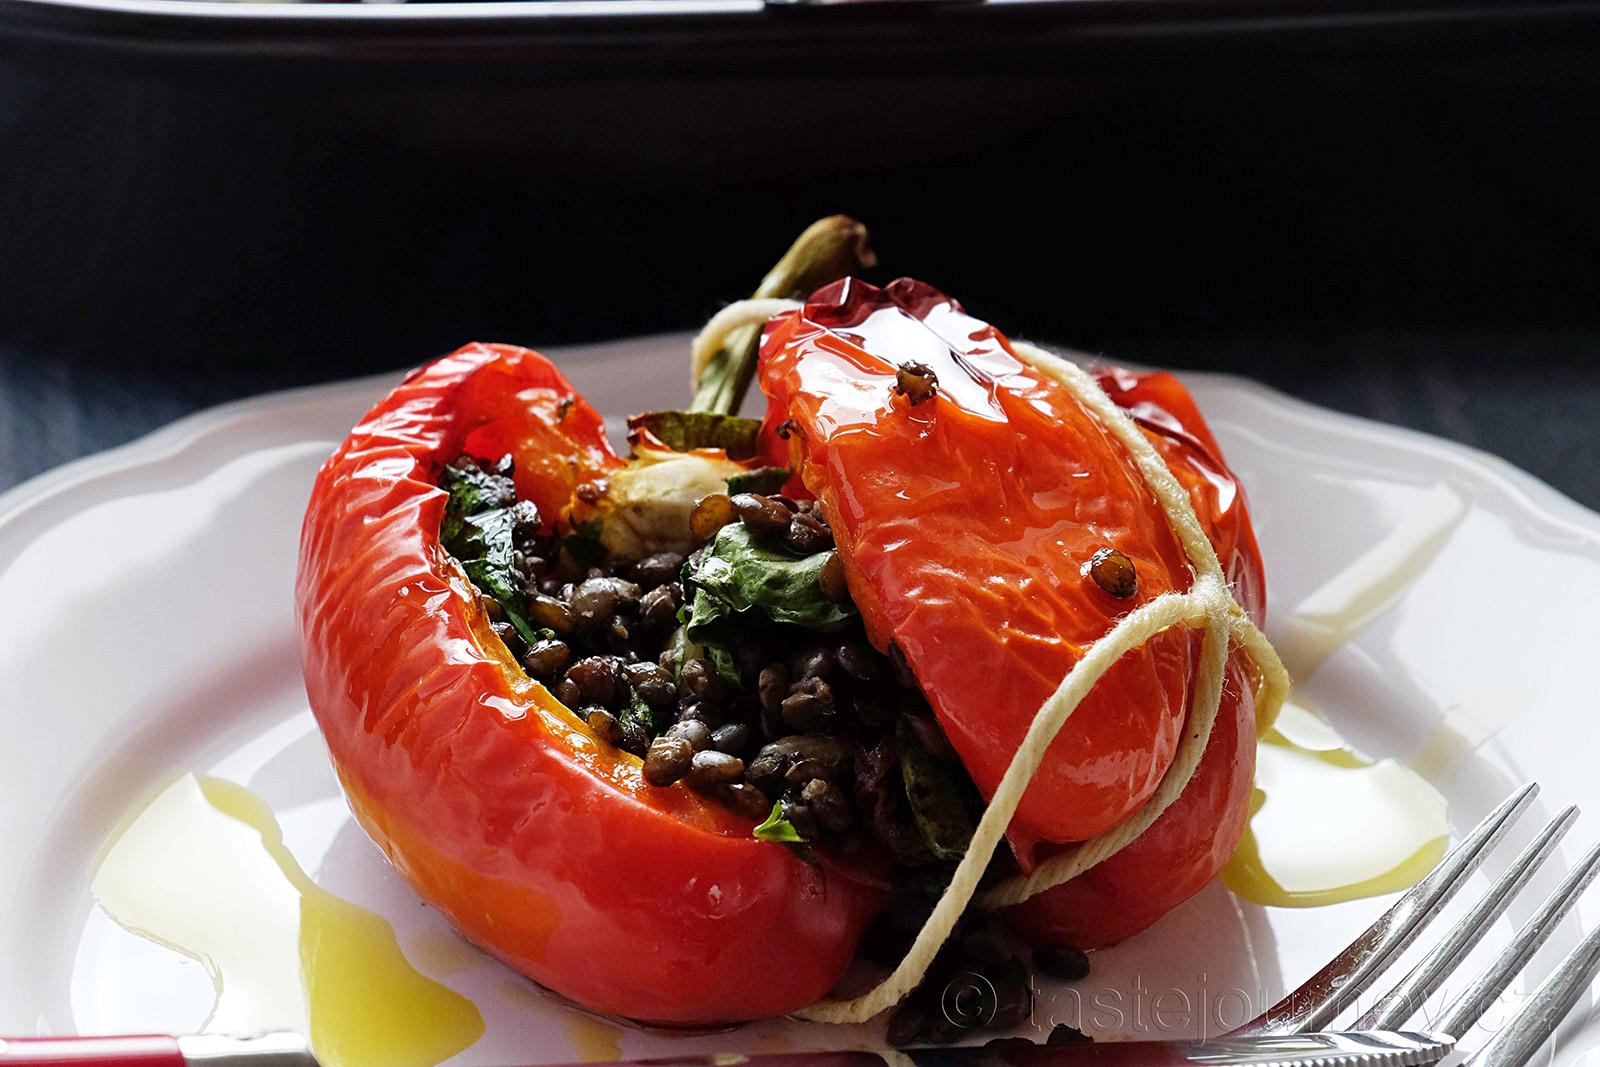 Nutričně vyvážený vegetariánský pokrm - plněné papriky zelenou čočkou